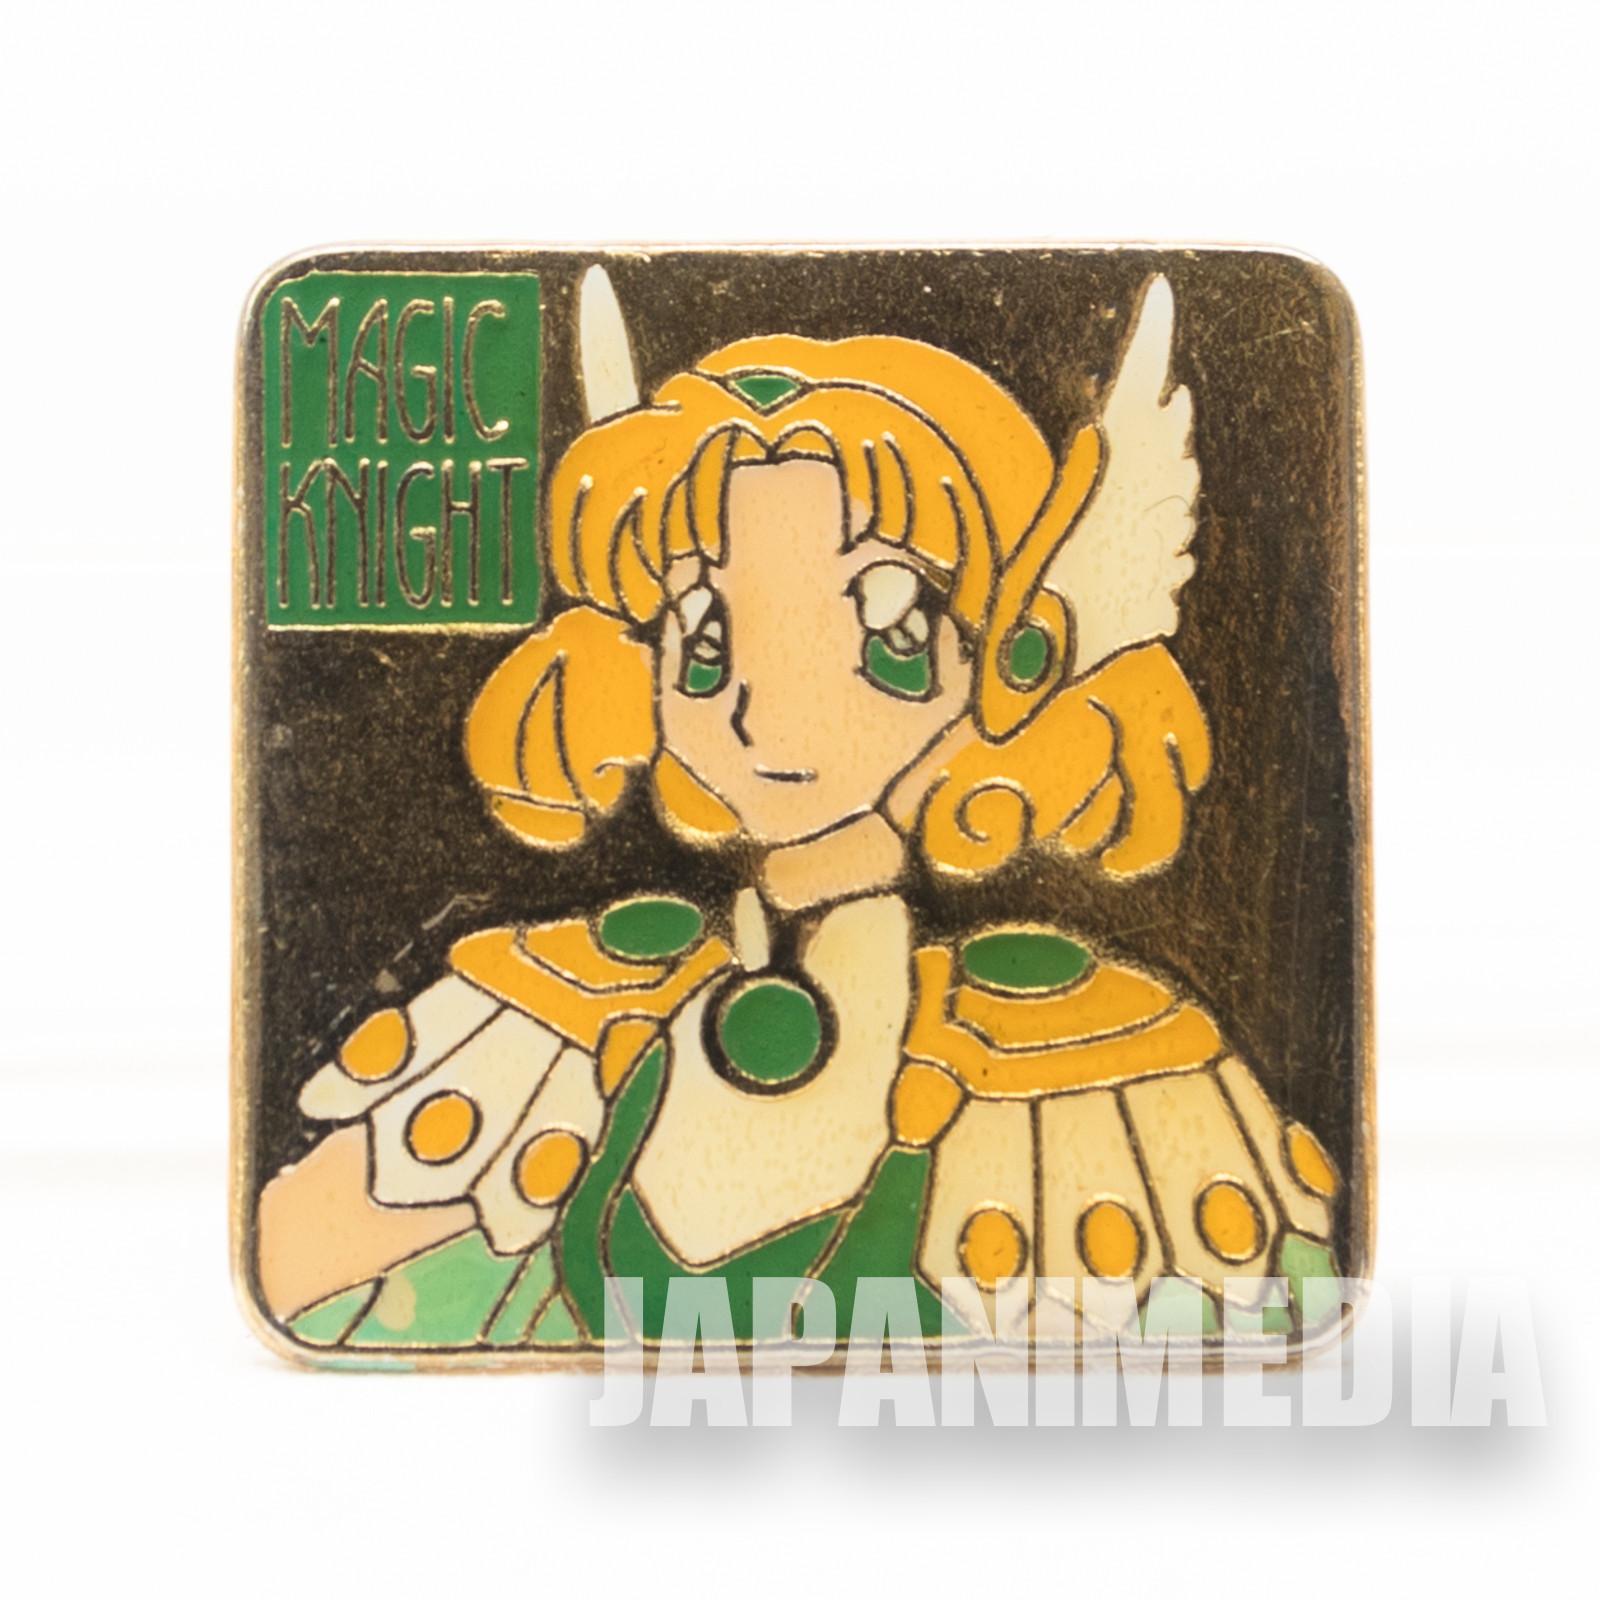 Magic Knight Rayearth Metal Pins Badge Fuu Hououji JAPAN ANIME MANGA 4